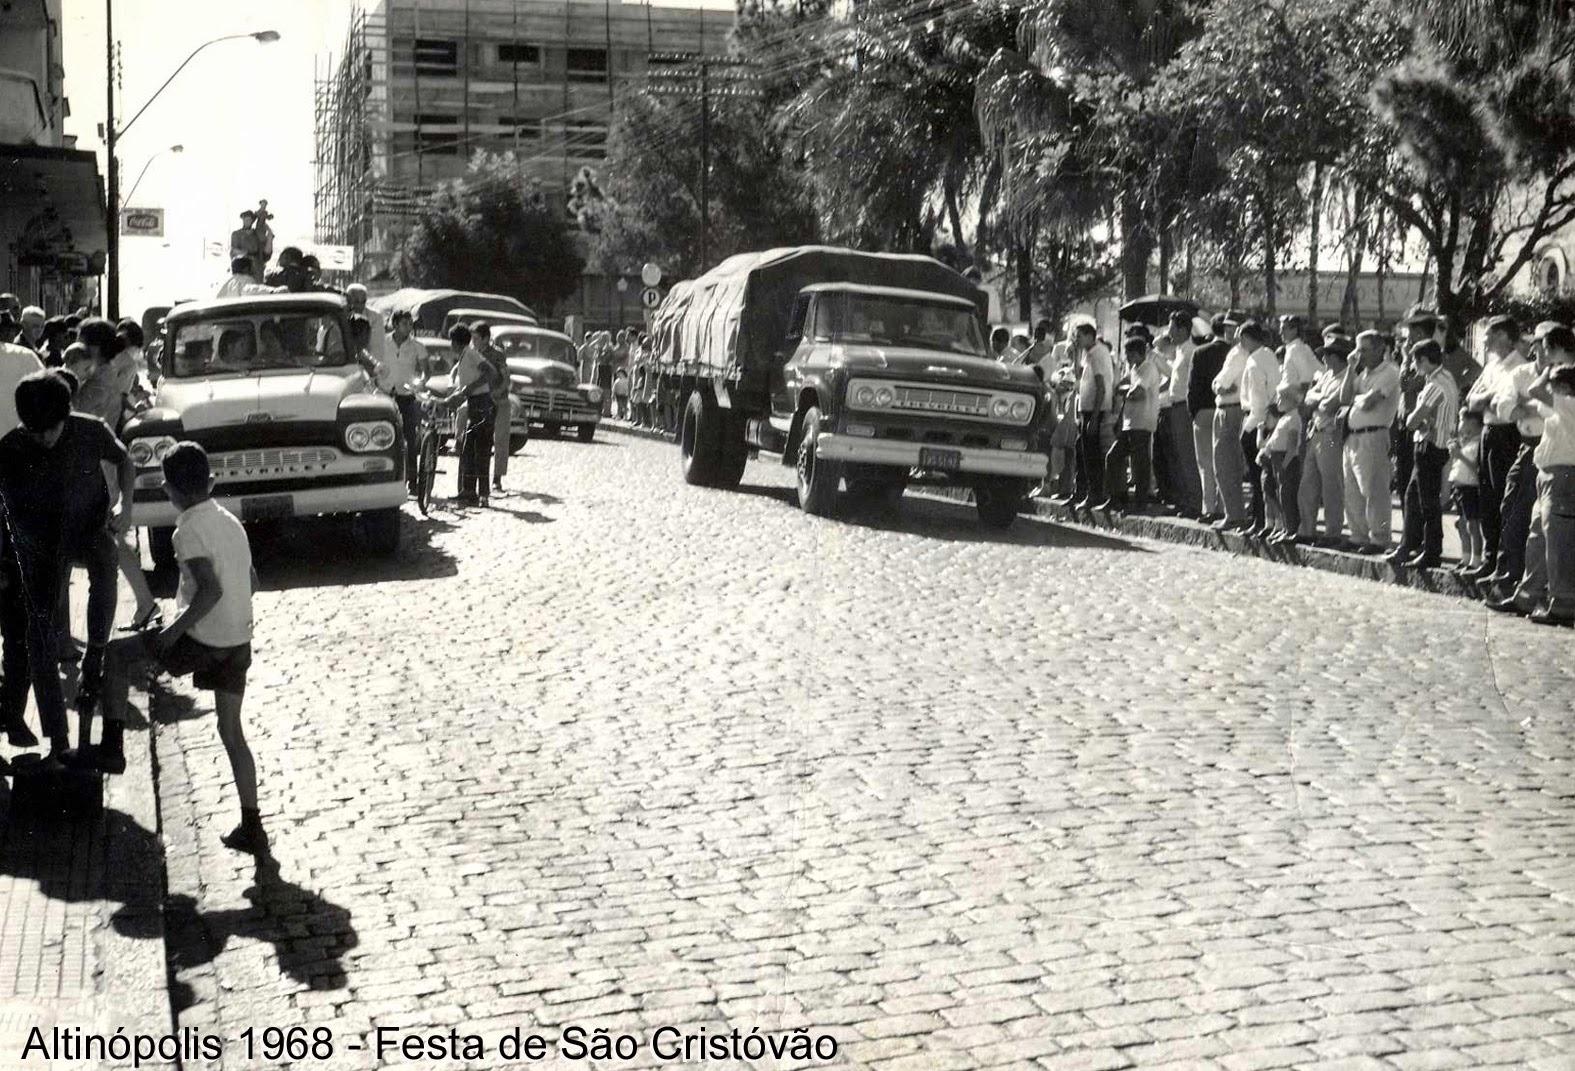 1968 - Festa de São Cristóvão.